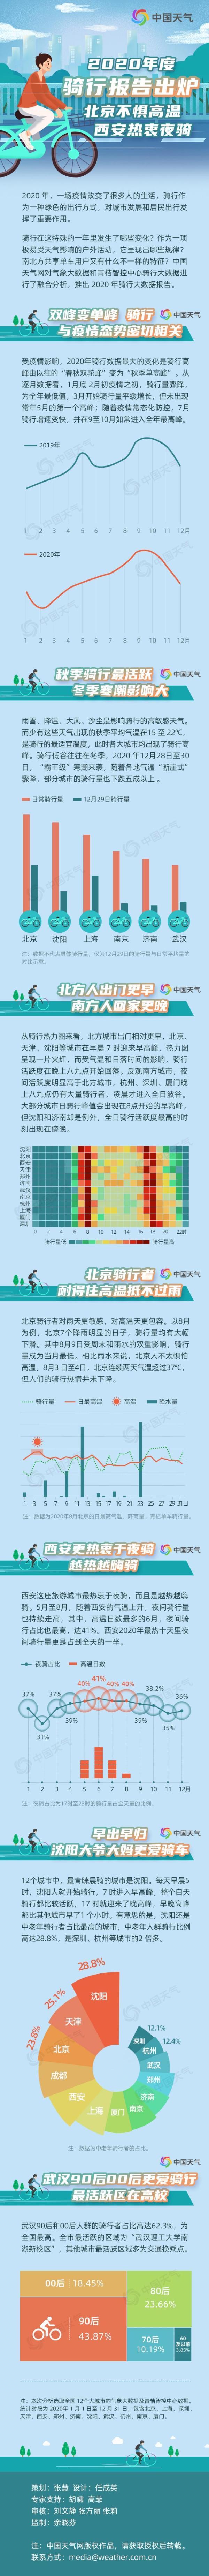 2020年自行车报告发布北京不怕高温Xi热衷于夜间骑行